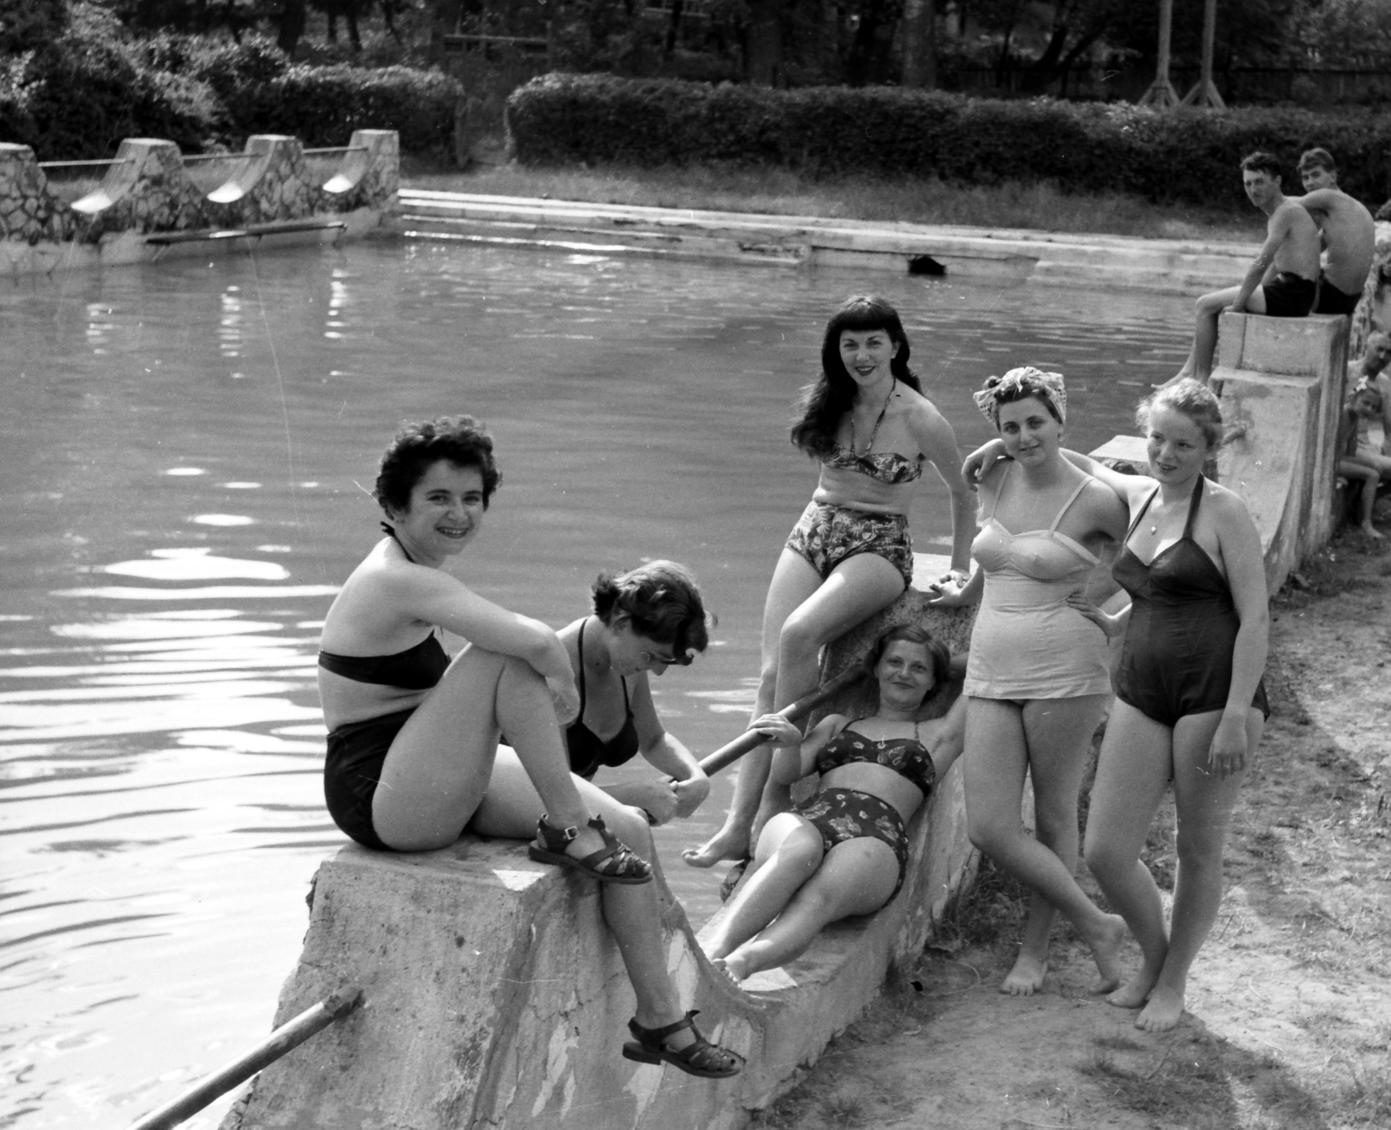 Kács, 1955. július 4. Fiatal nők csoportja a kácsi strandfürdő medencéje mellett. A Bükk kis völgyében rejtőző szép falu gyógyvize vonzza a kirándulókat. MTI Fotó: Járai Rudolf